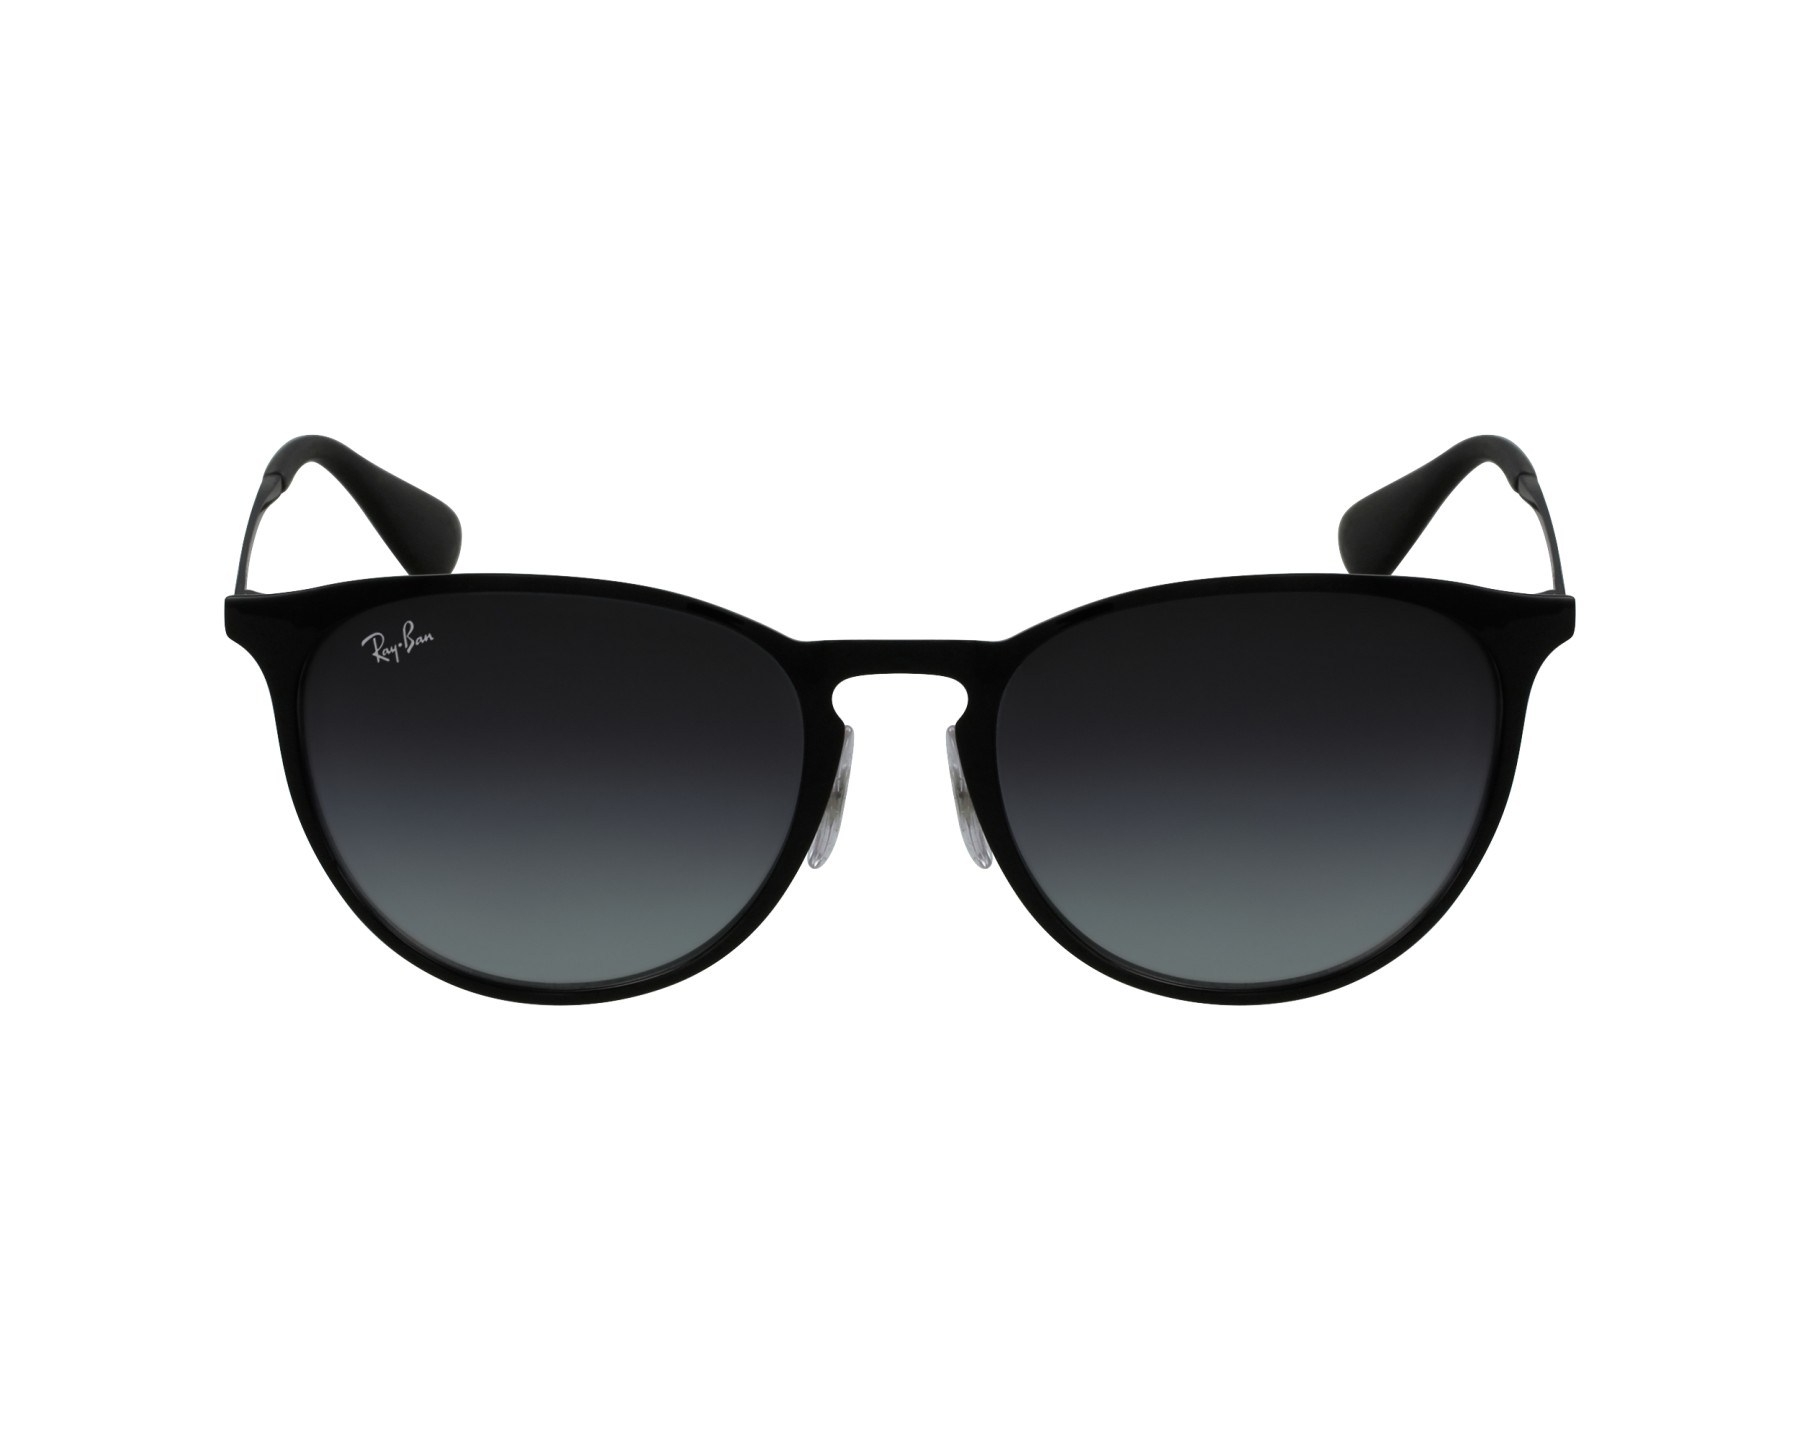 lunettes de soleil ray ban rb 3539 002 8g noir avec des verres gris. Black Bedroom Furniture Sets. Home Design Ideas